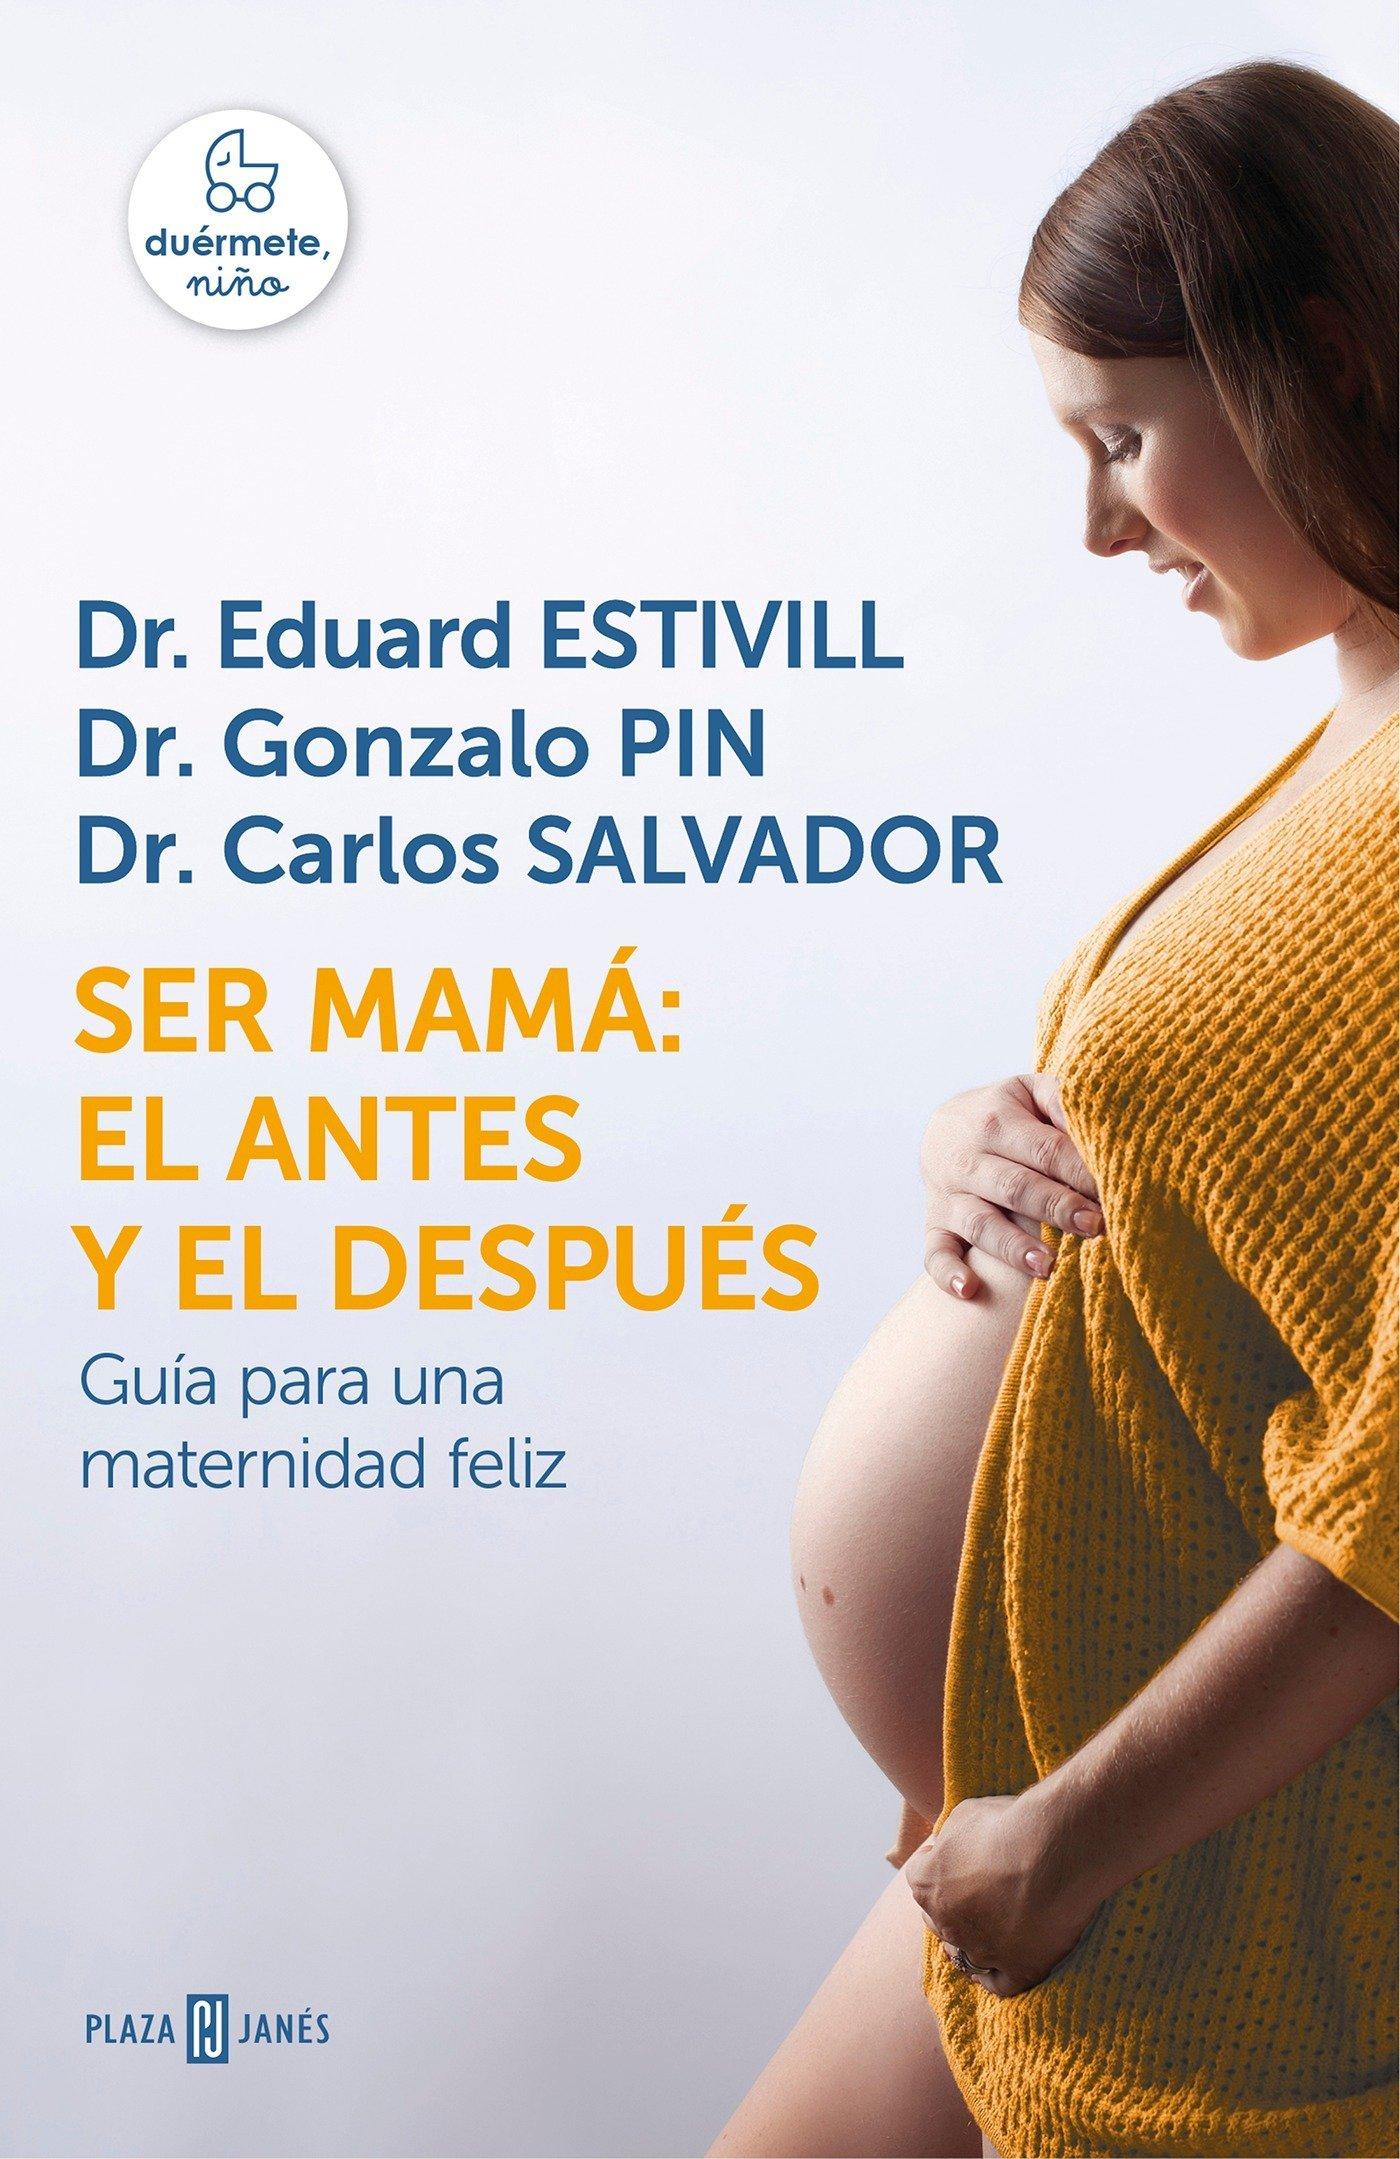 Ser mamá: el antes y el después: Guía para una maternidad feliz EXITOS: Amazon.es: Eduard Estivill: Libros